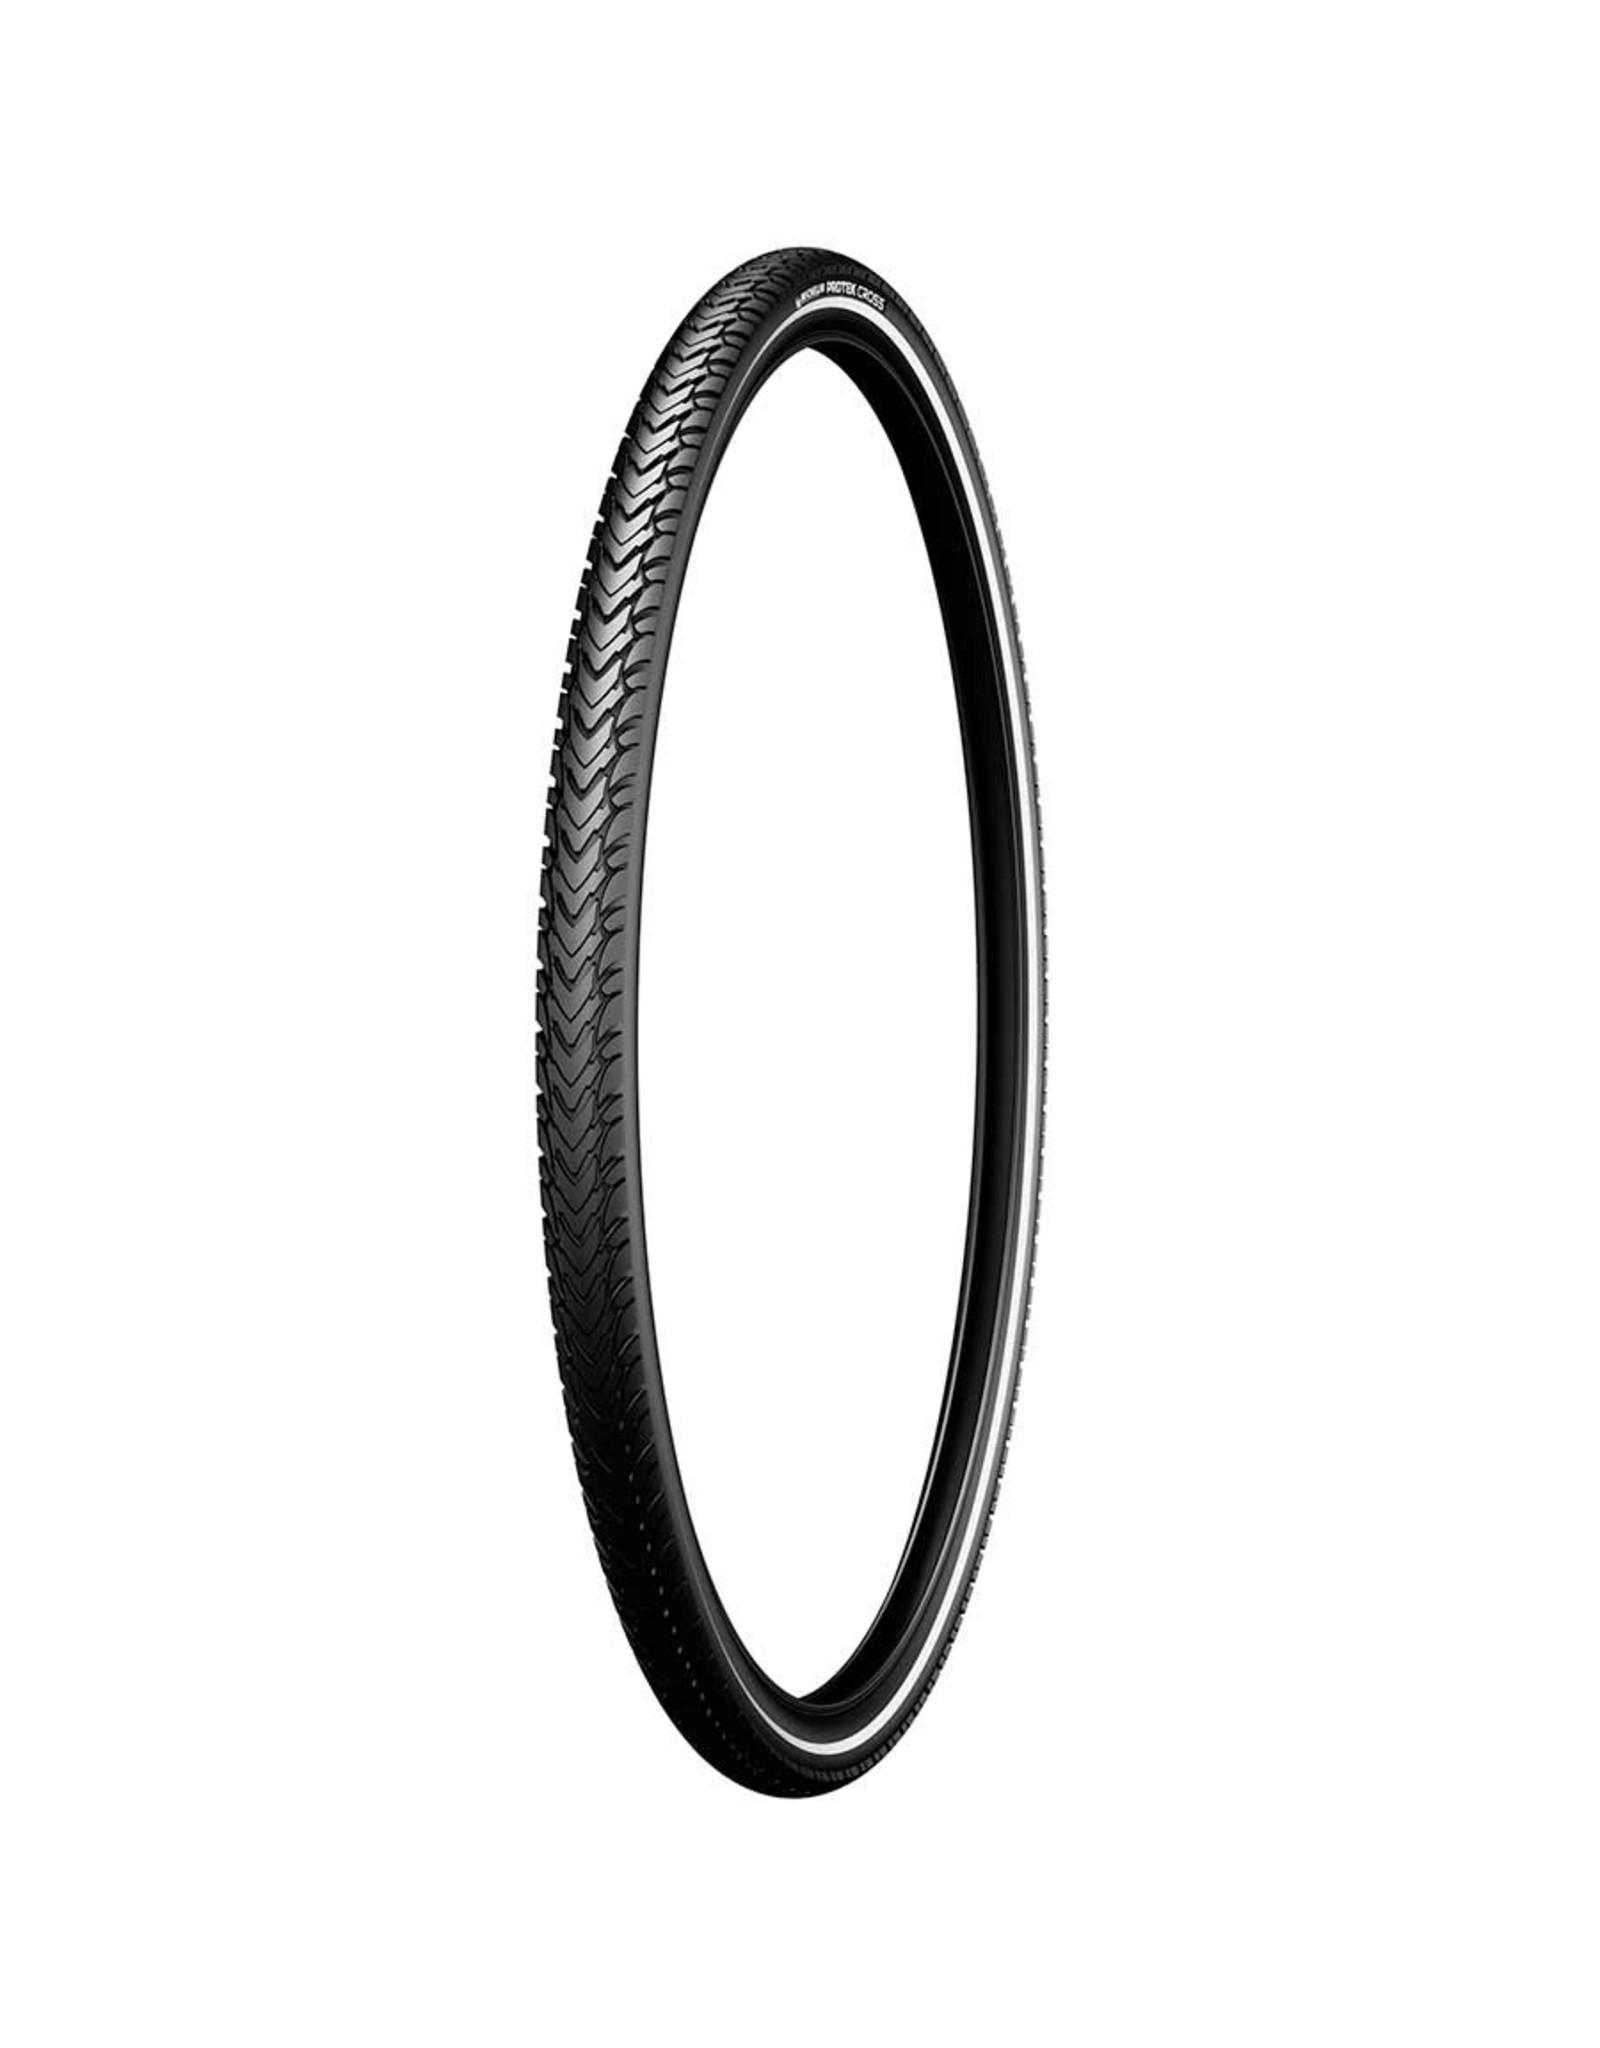 Michelin Michelin, Protek Cross, Tire, 700x35C, Wire, Clincher, Protek 1mm, Reflex, 22TPI, Black